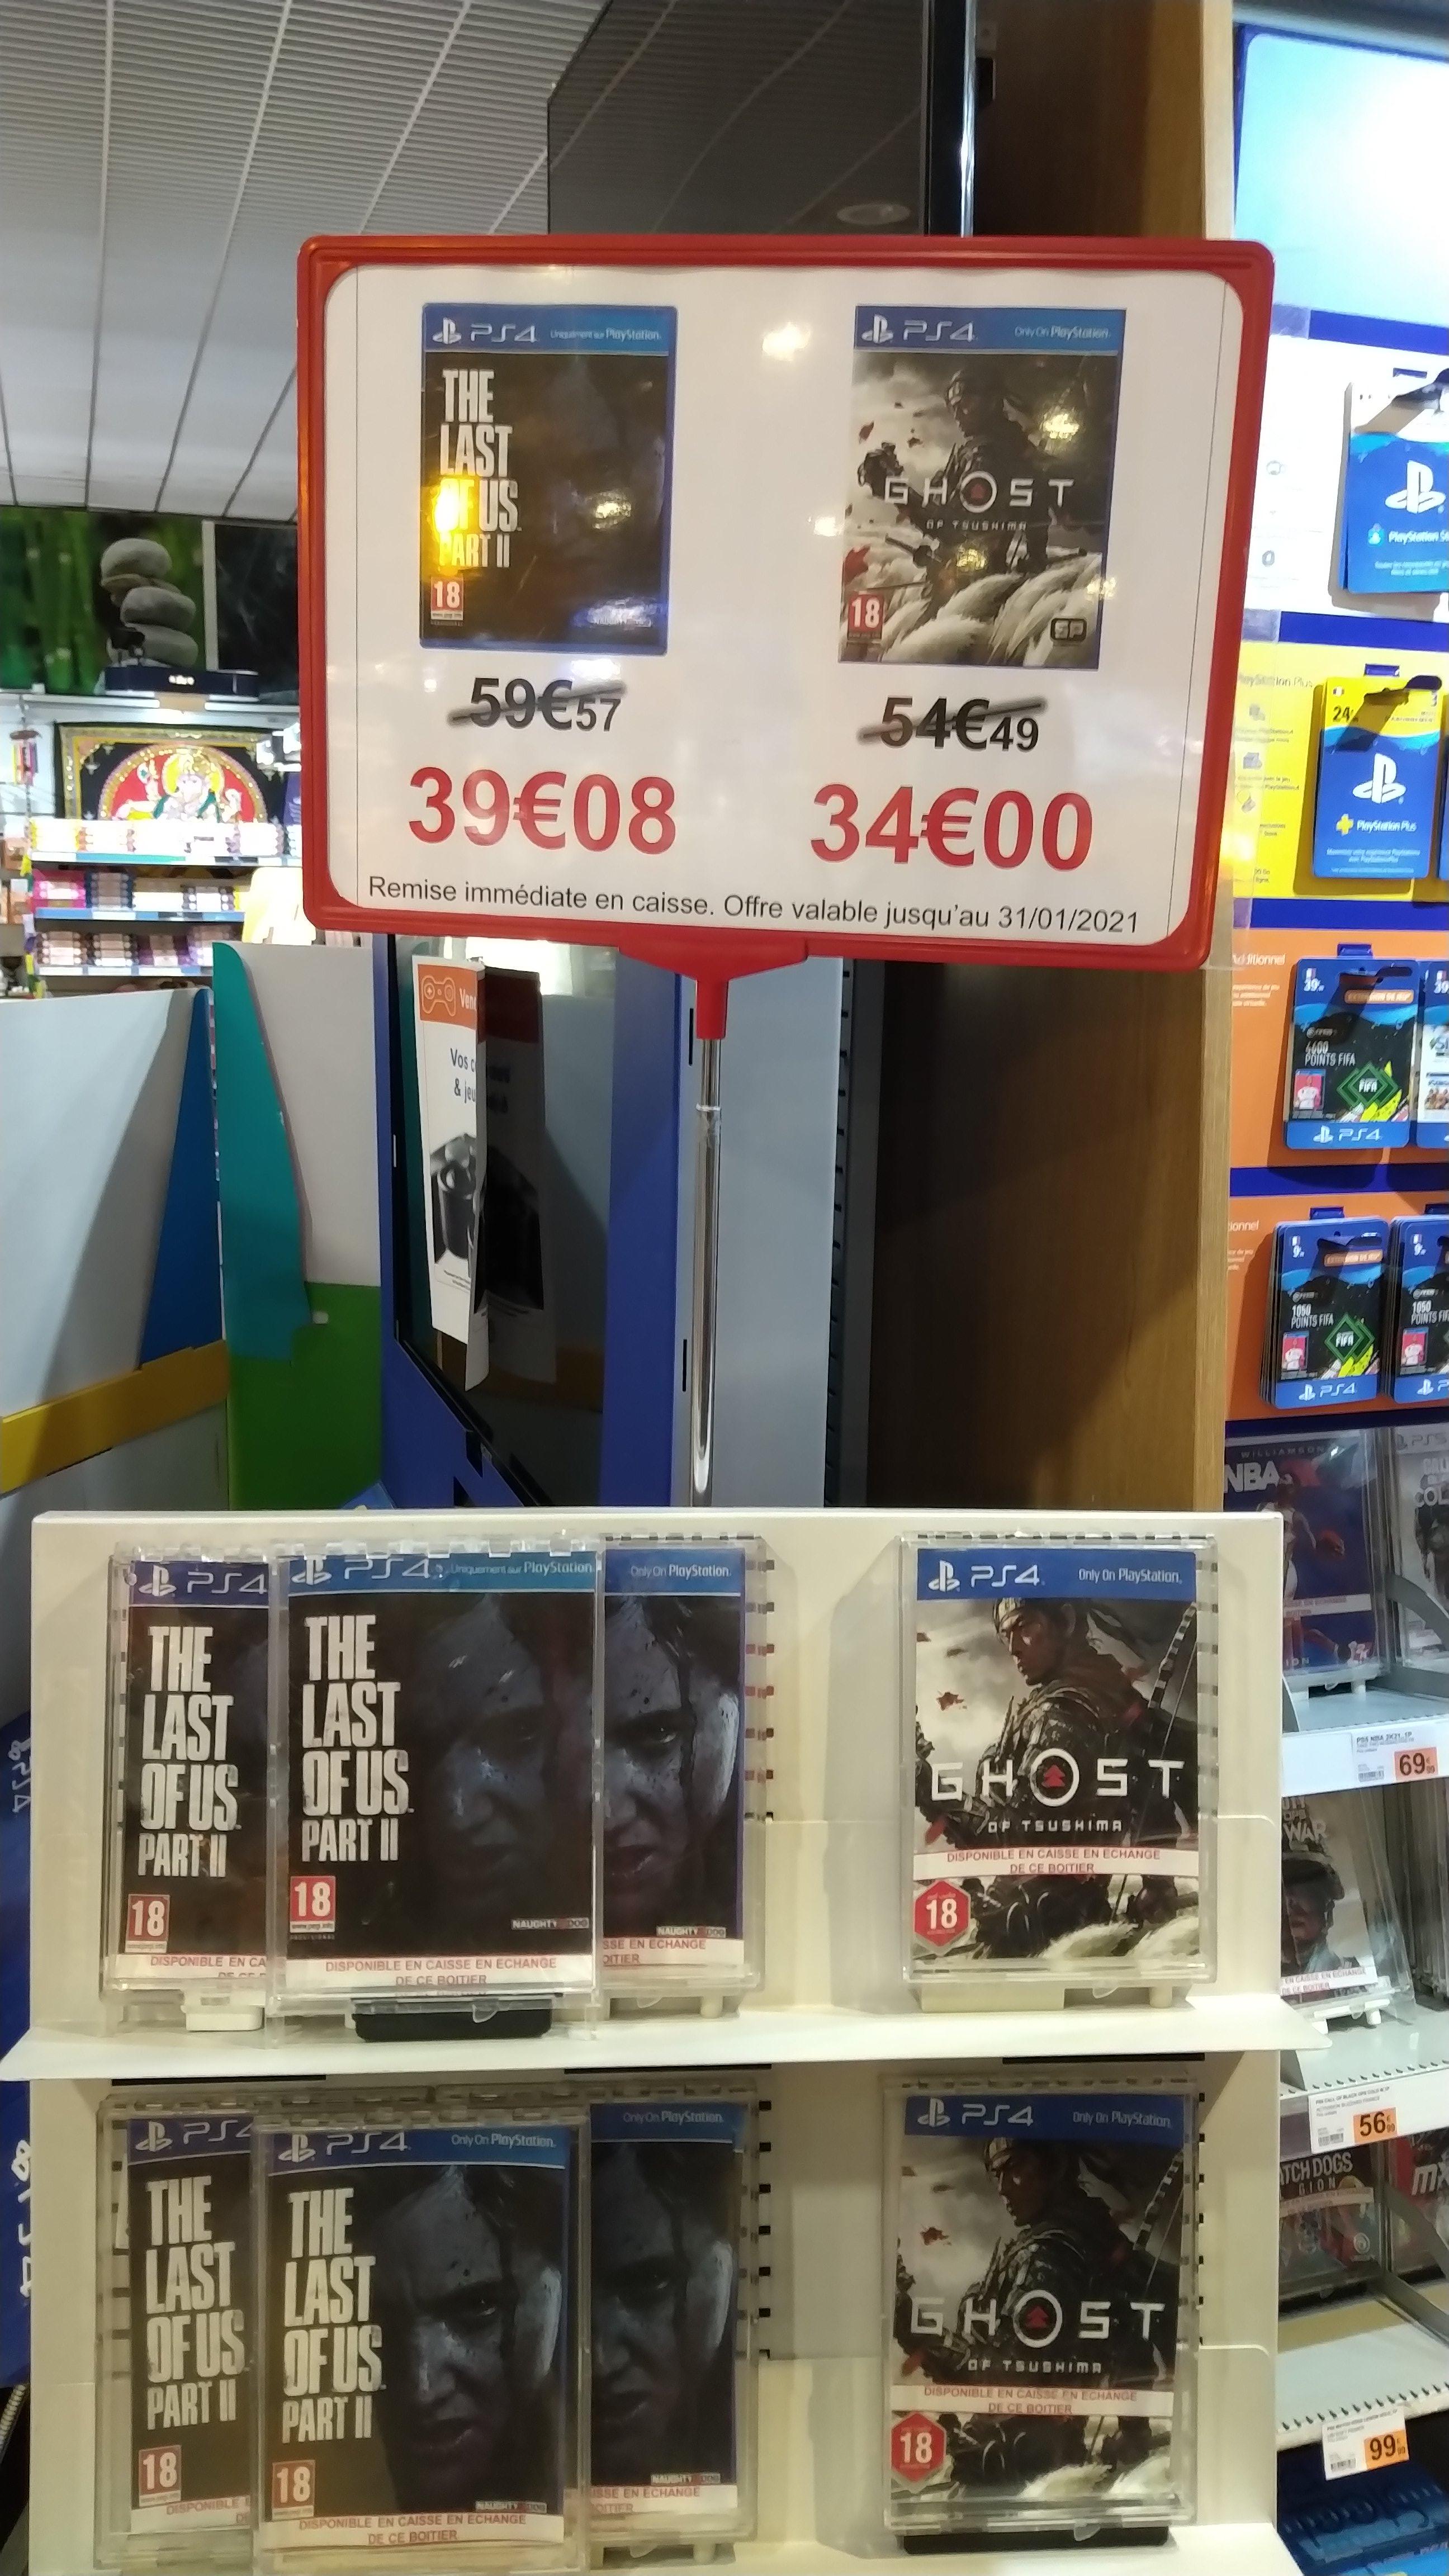 Sélection de Jeux vidéo sur PS4 en promotion - Ex : The Last Of Us Part 2 à 39.08€ ou Ghost of Tsushima à 34€ - Dammarie Les Lys (77)